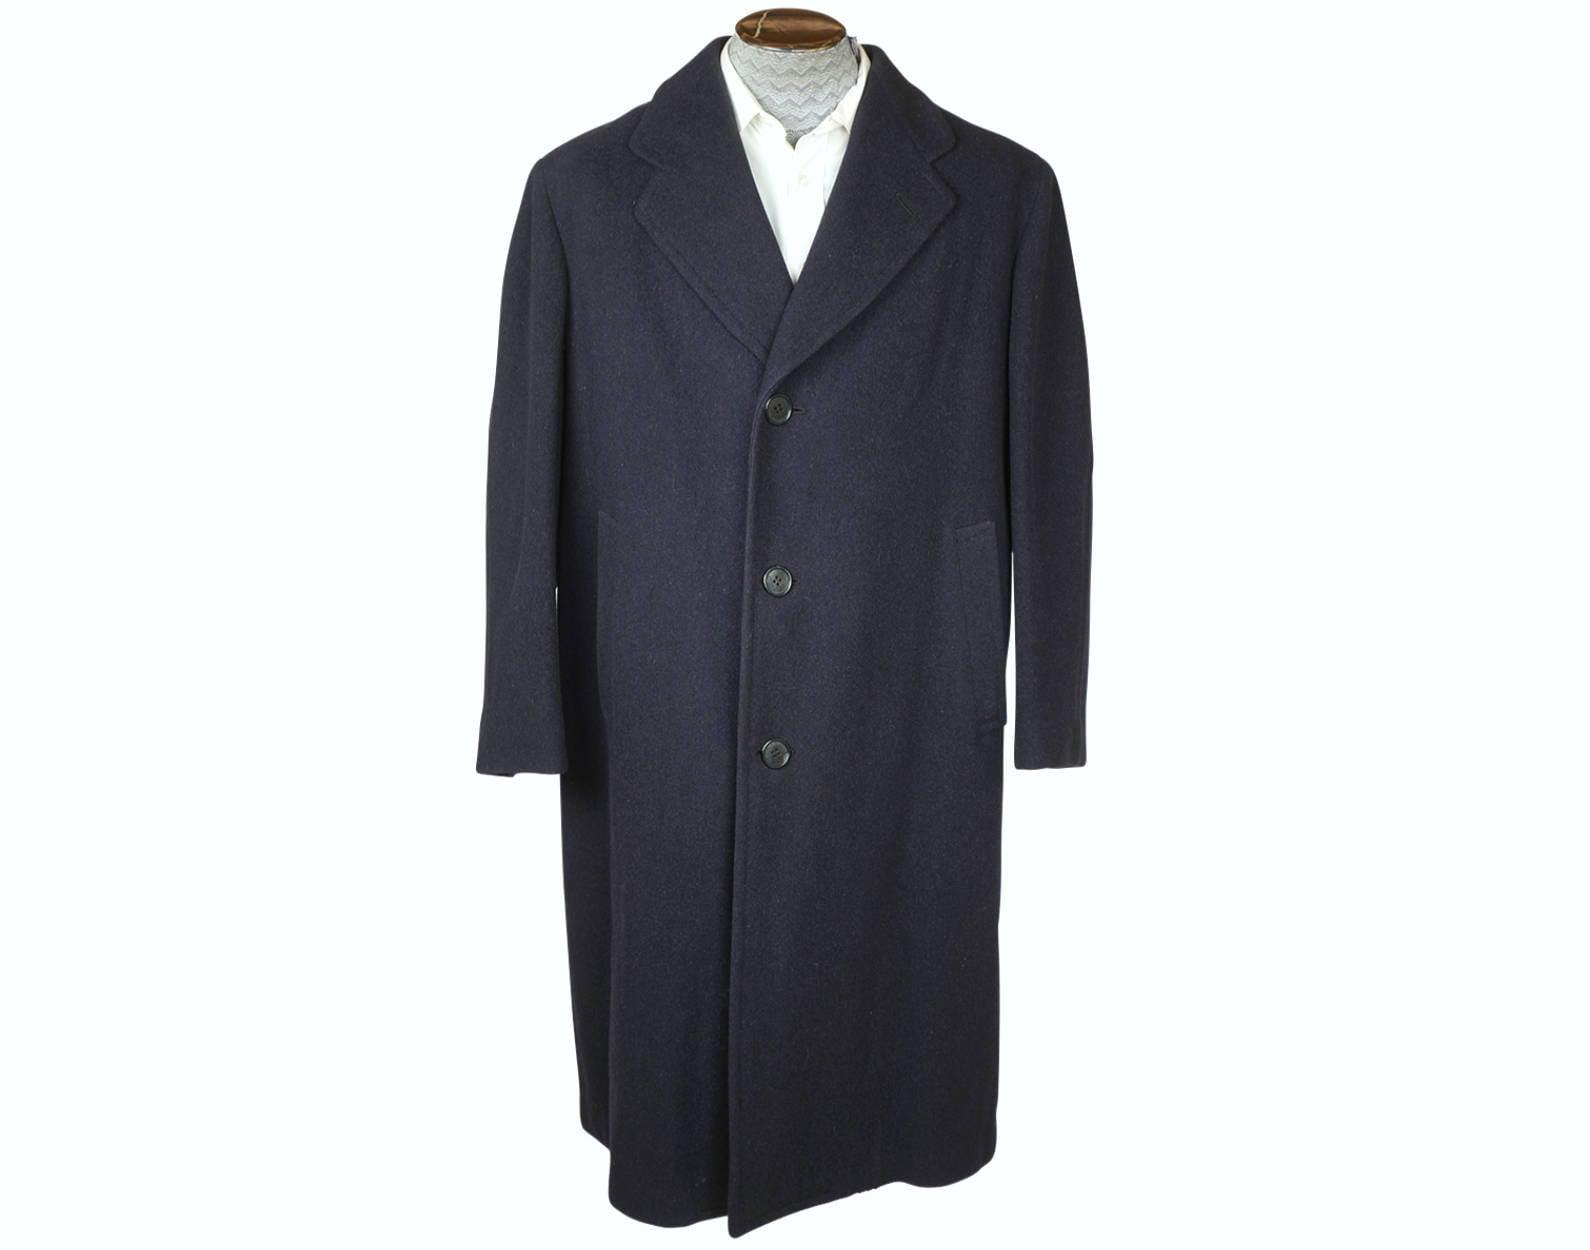 1940s Mens Ties | Wide Ties & Painted Ties Vintage 1940S Mens Wool Coat Overcoat Slate Blue Size L The Trooper Robin Hood $60.00 AT vintagedancer.com